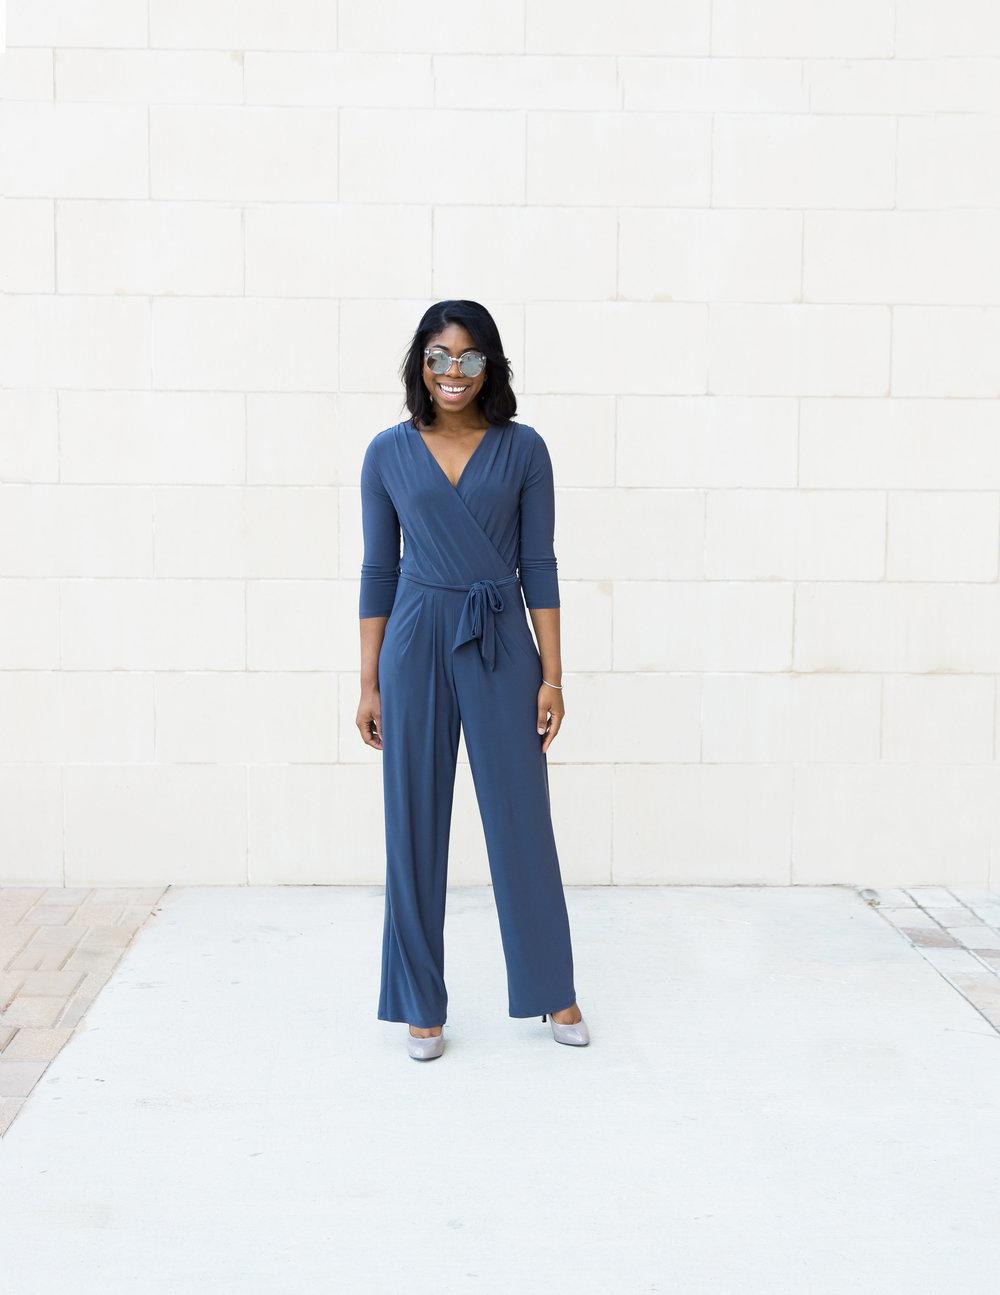 Stephanie Jackson 050516-Stephanie Jackson-0003.jpg